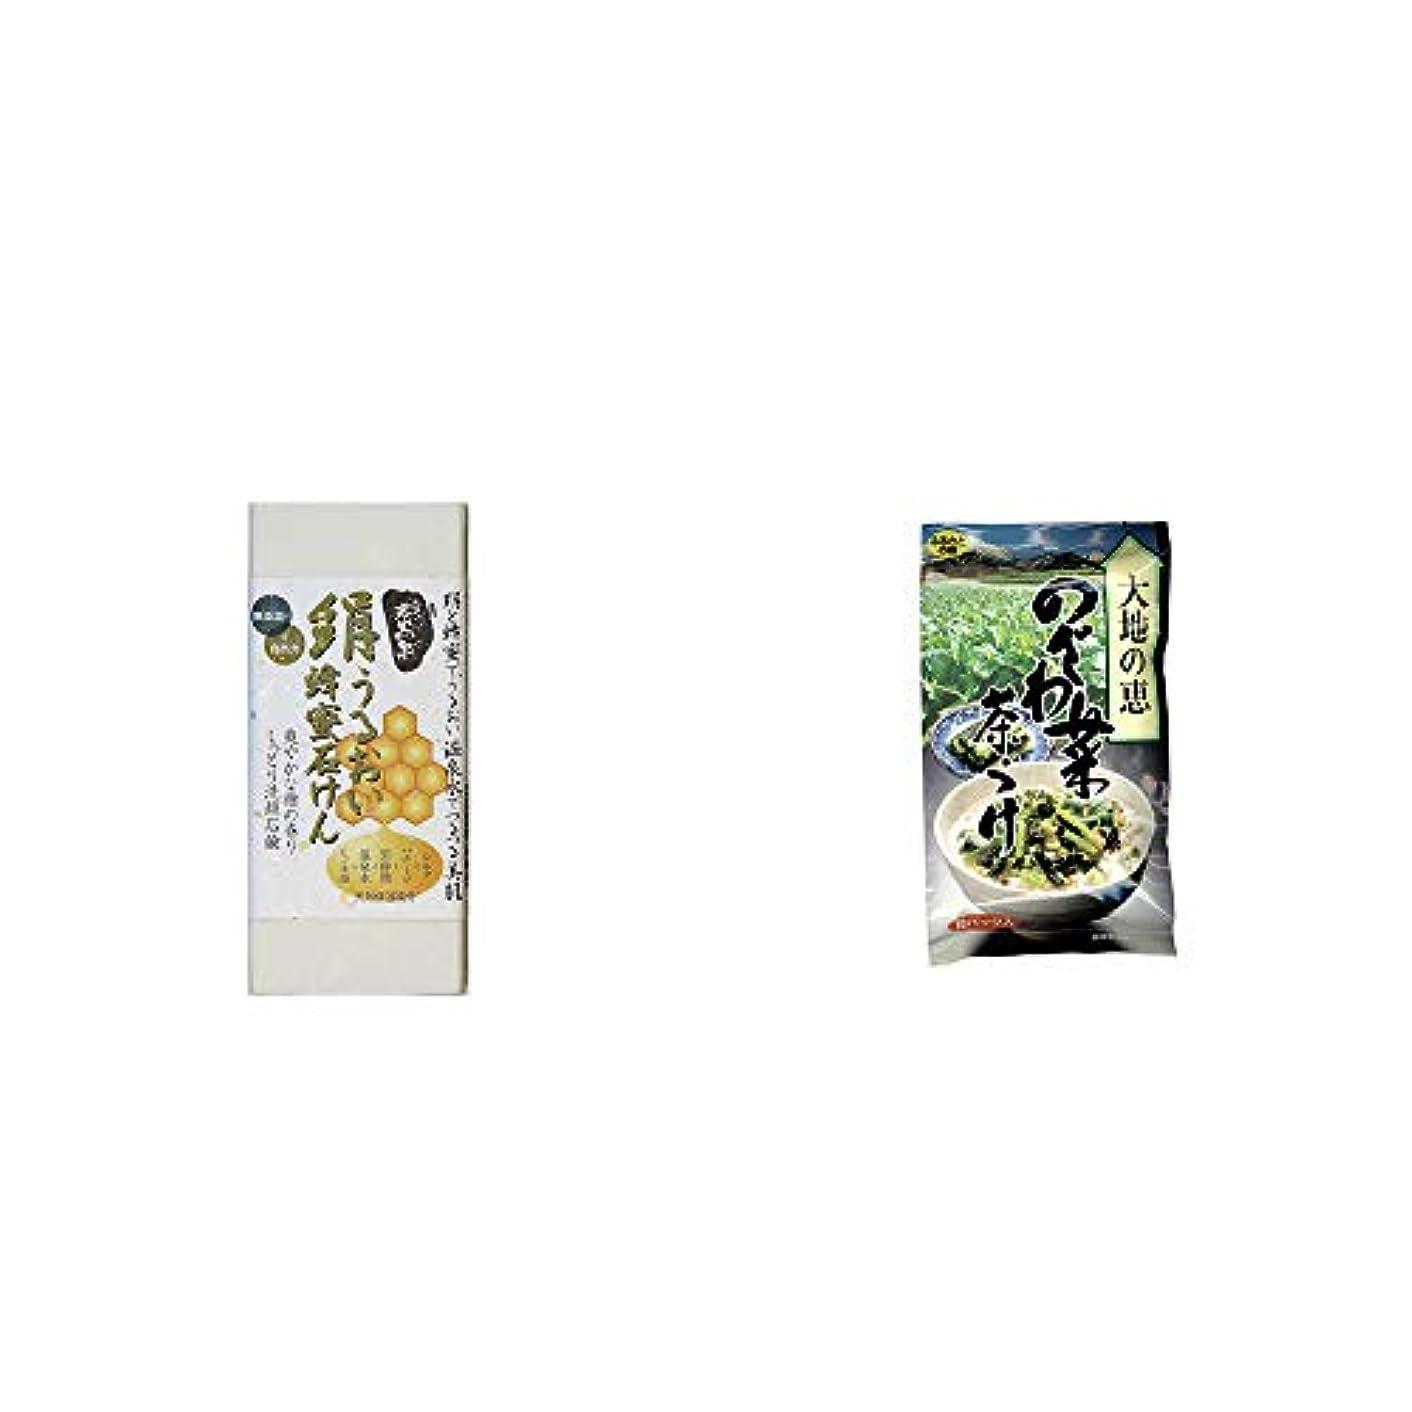 排除する例下る[2点セット] ひのき炭黒泉 絹うるおい蜂蜜石けん(75g×2)?特選茶漬け 大地の恵 のざわ菜茶づけ(10袋入)